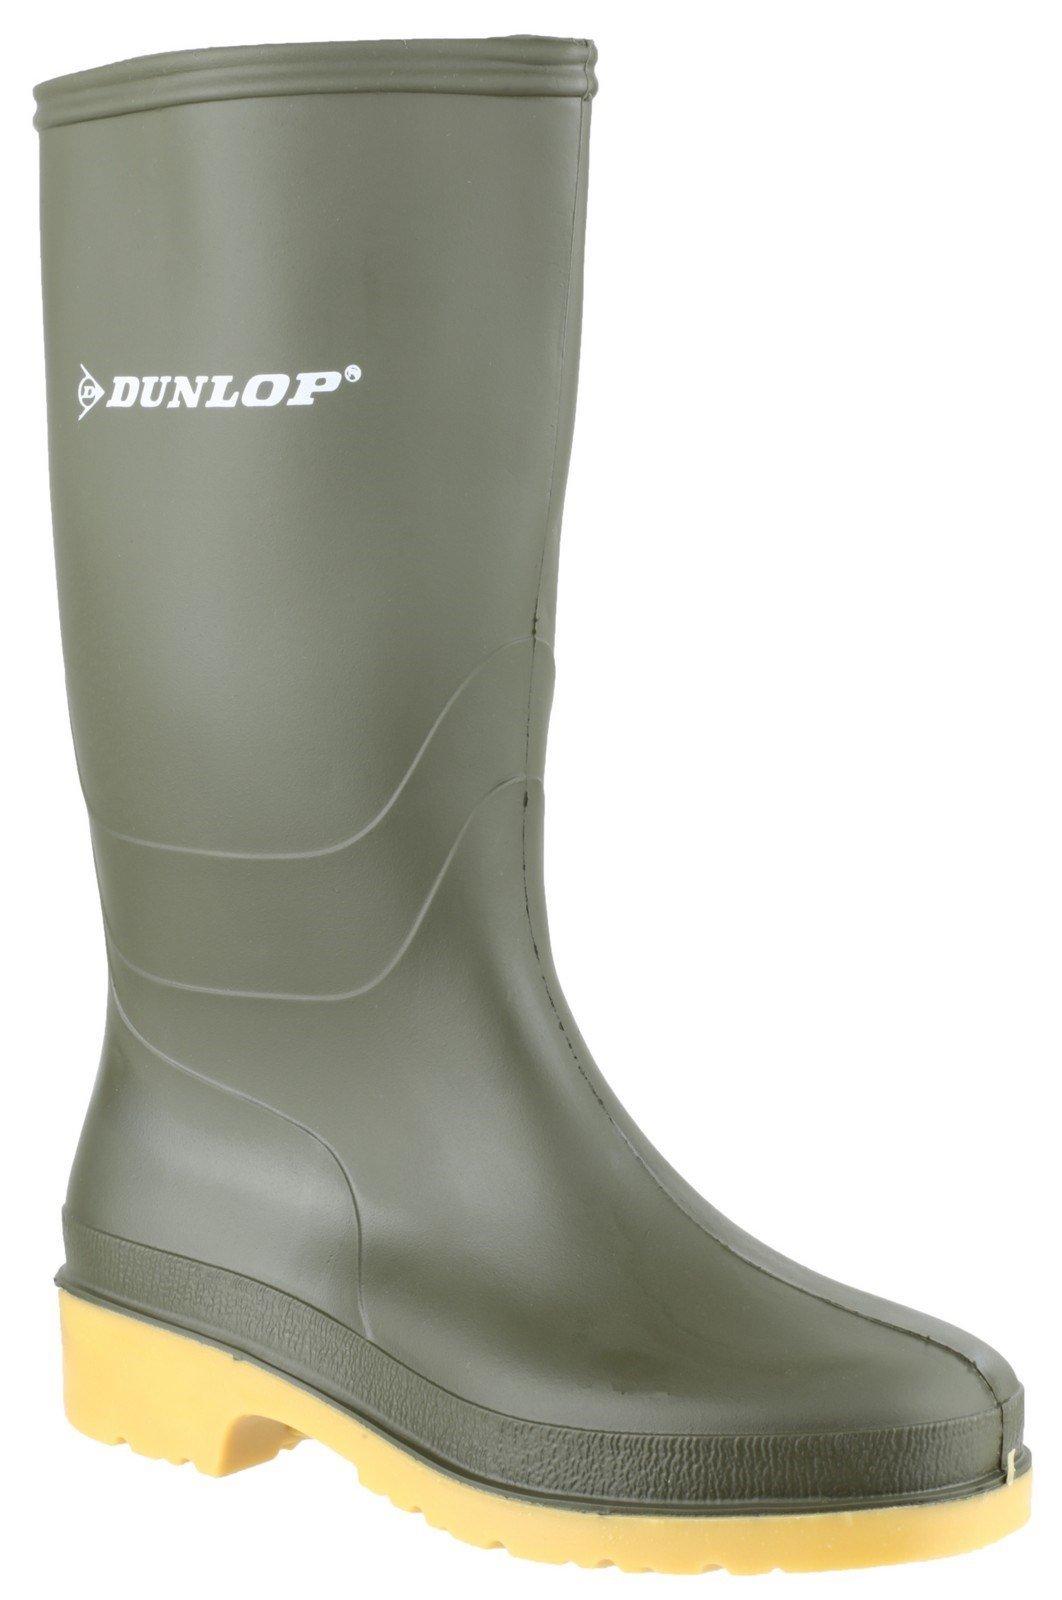 Dunlop Kids Dull Wellington Boots Green 22230 - Green 2.5 UK